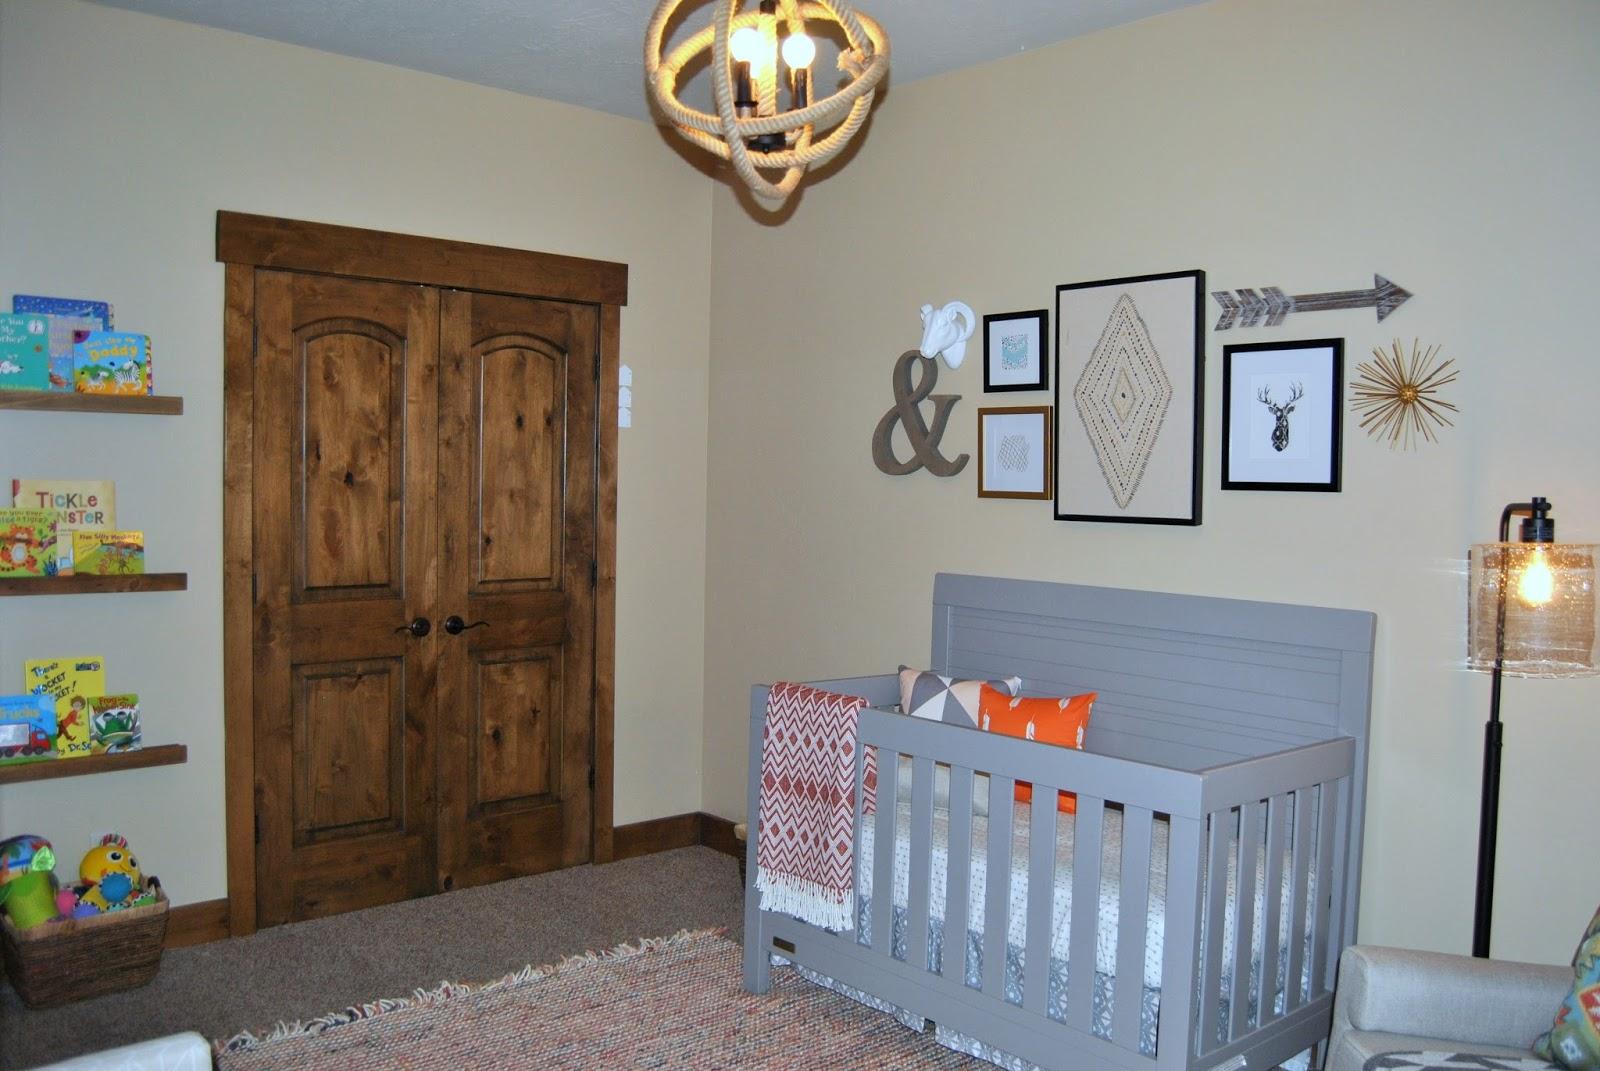 Nursery Boy Gender Neutral Child Children Bedroom Baby